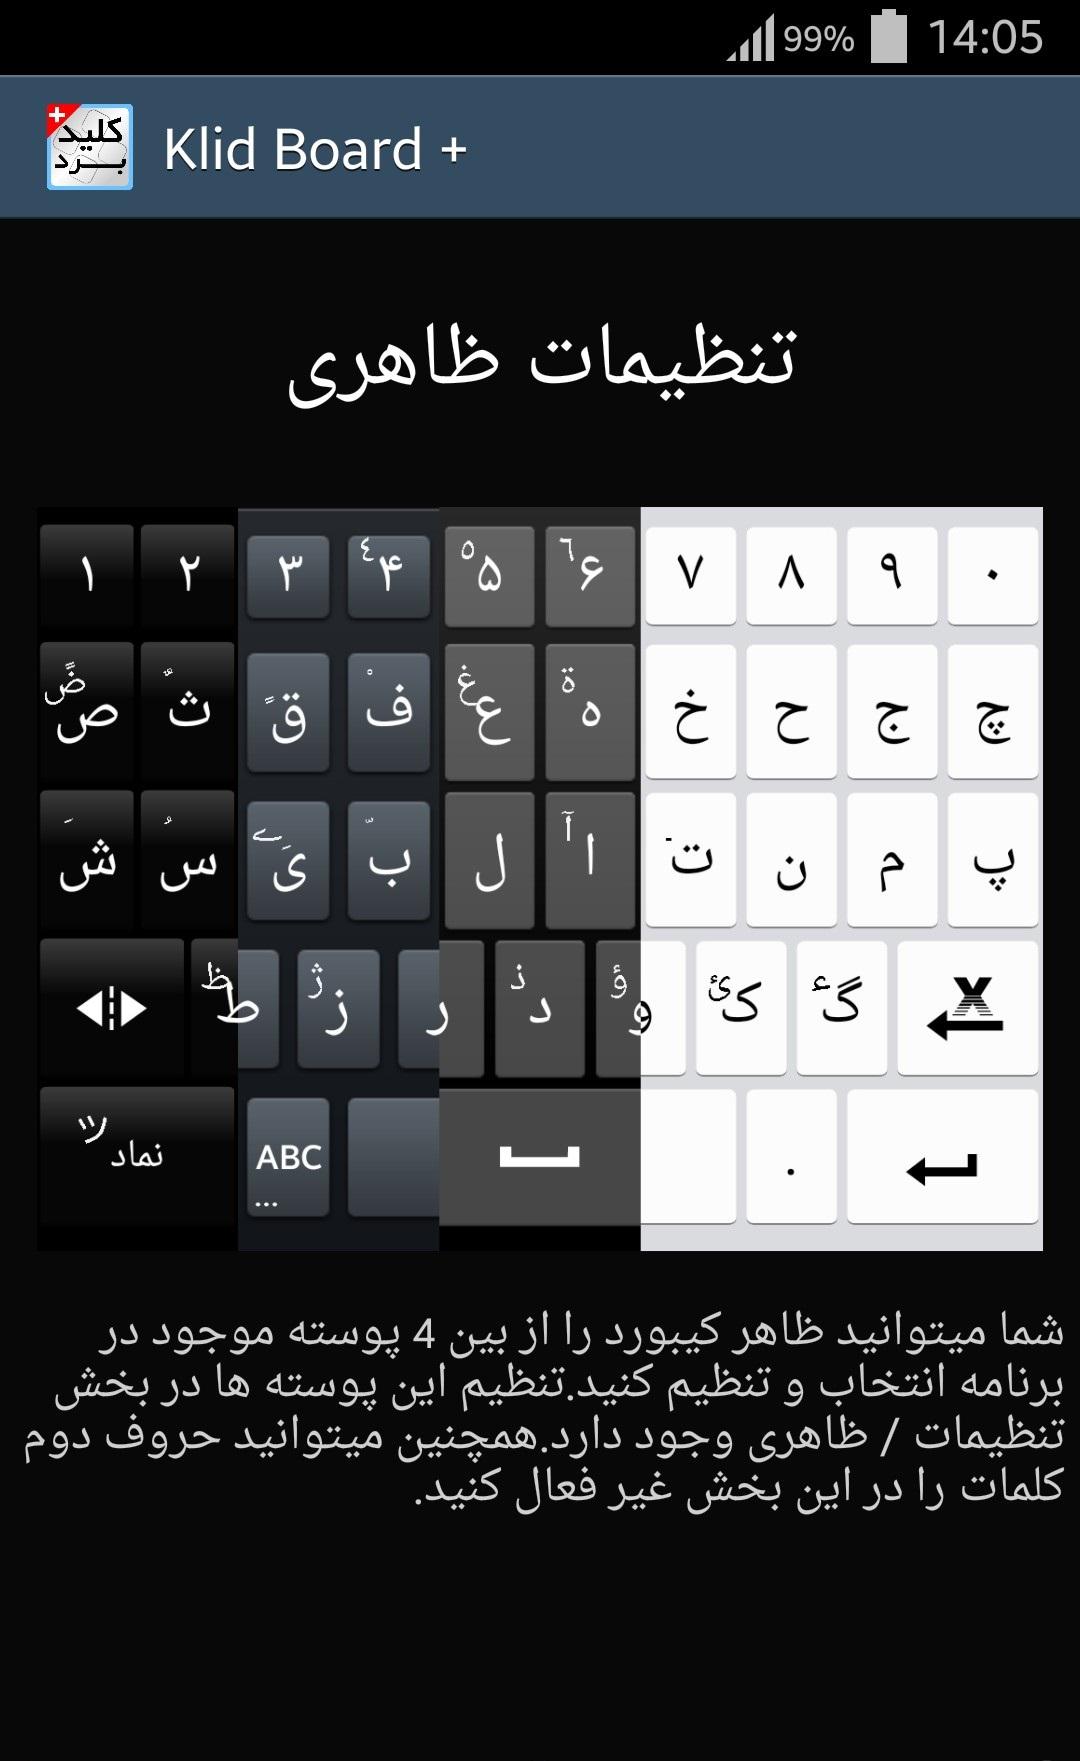 [عکس: 08_14com-mohammadjv-kplus0_f96d0.jpg]